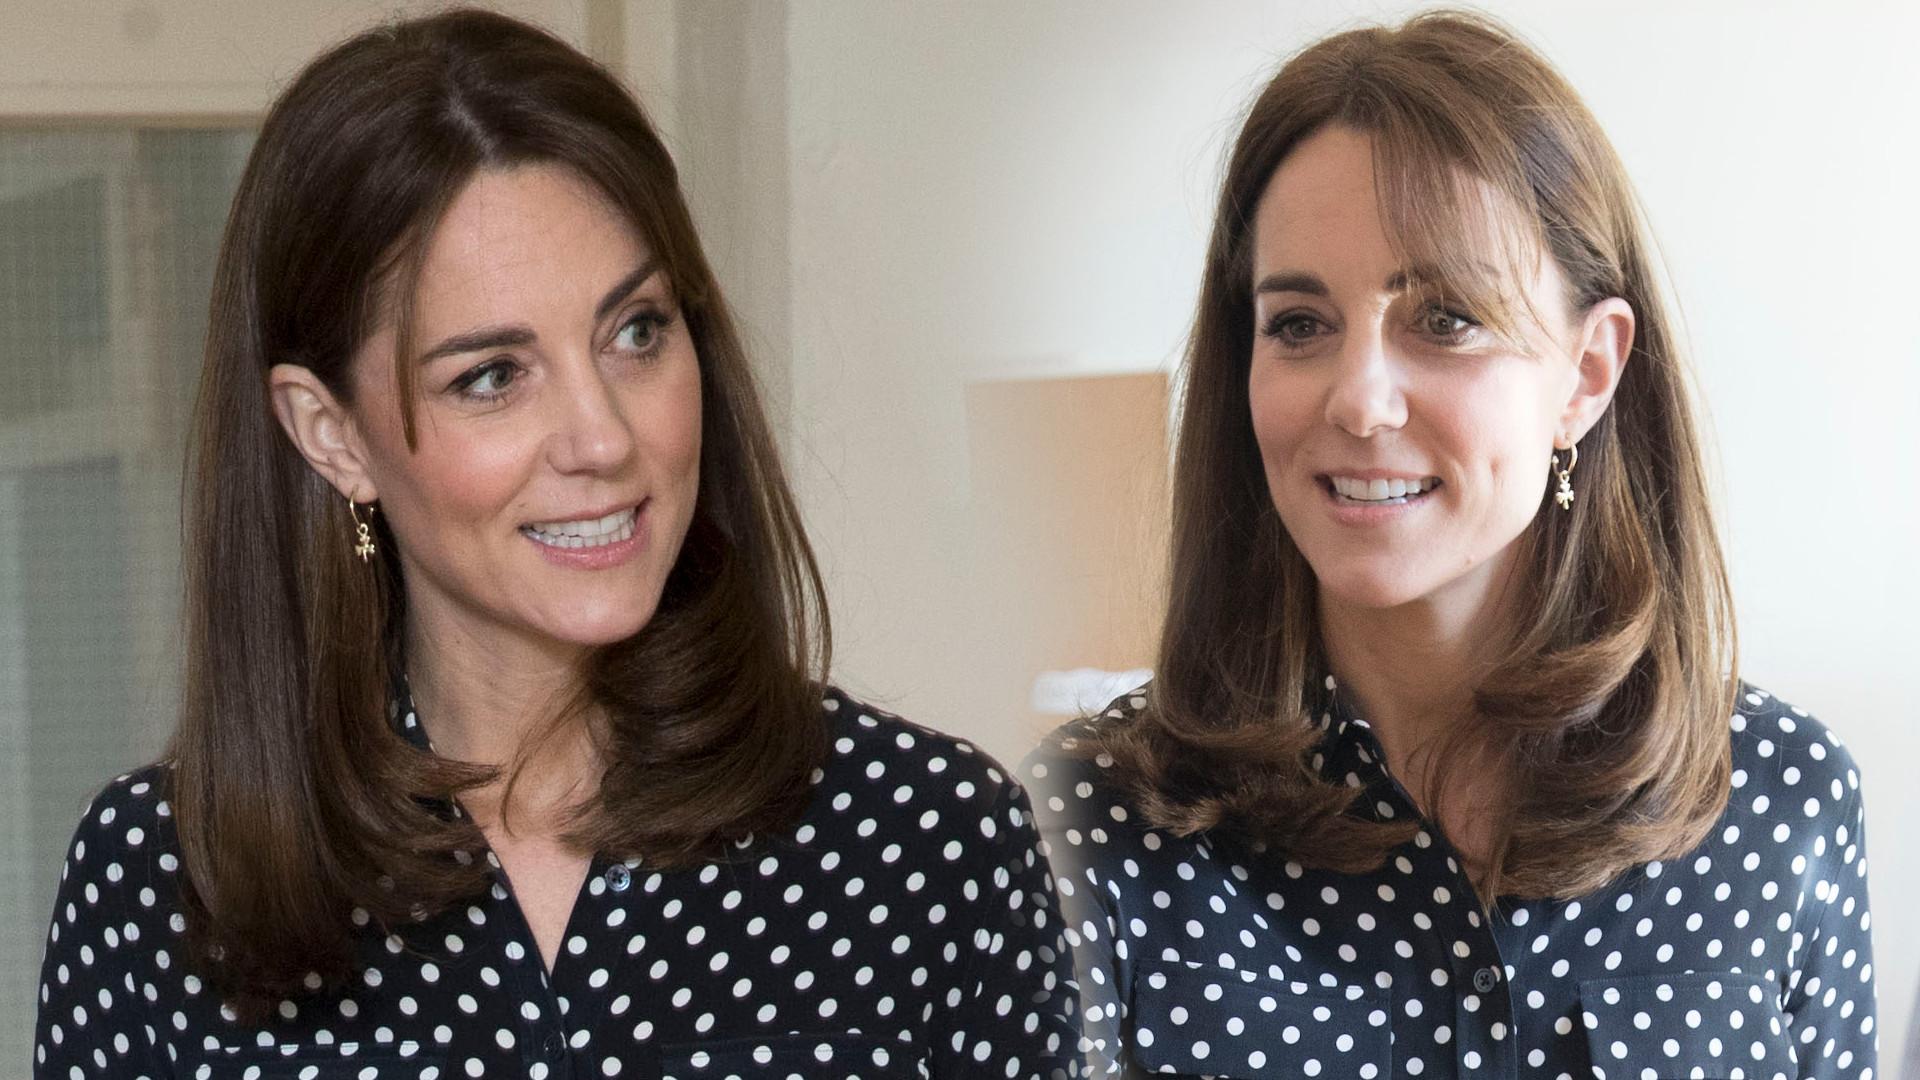 Księżna Kate w koszuli i czarnych rurkach. Dopiero teraz widać, jaka jest CHUDA (ZDJĘCIA)